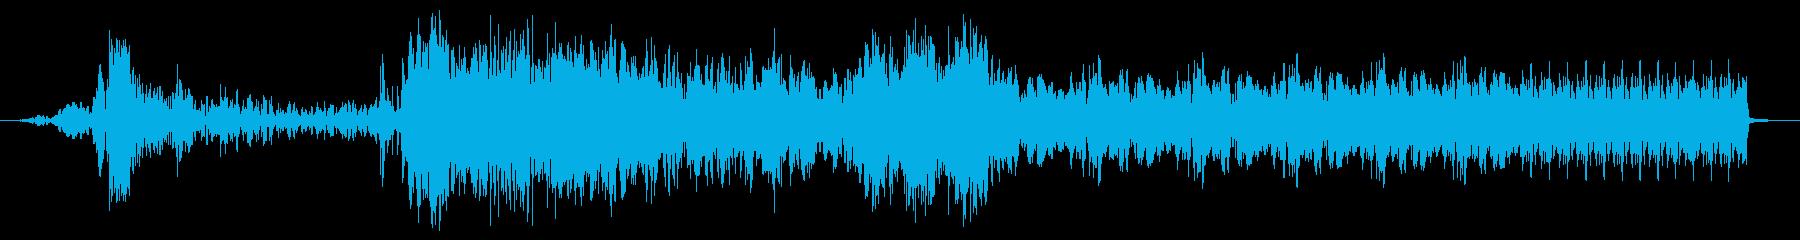 バジースタッターインパクト遷移の再生済みの波形